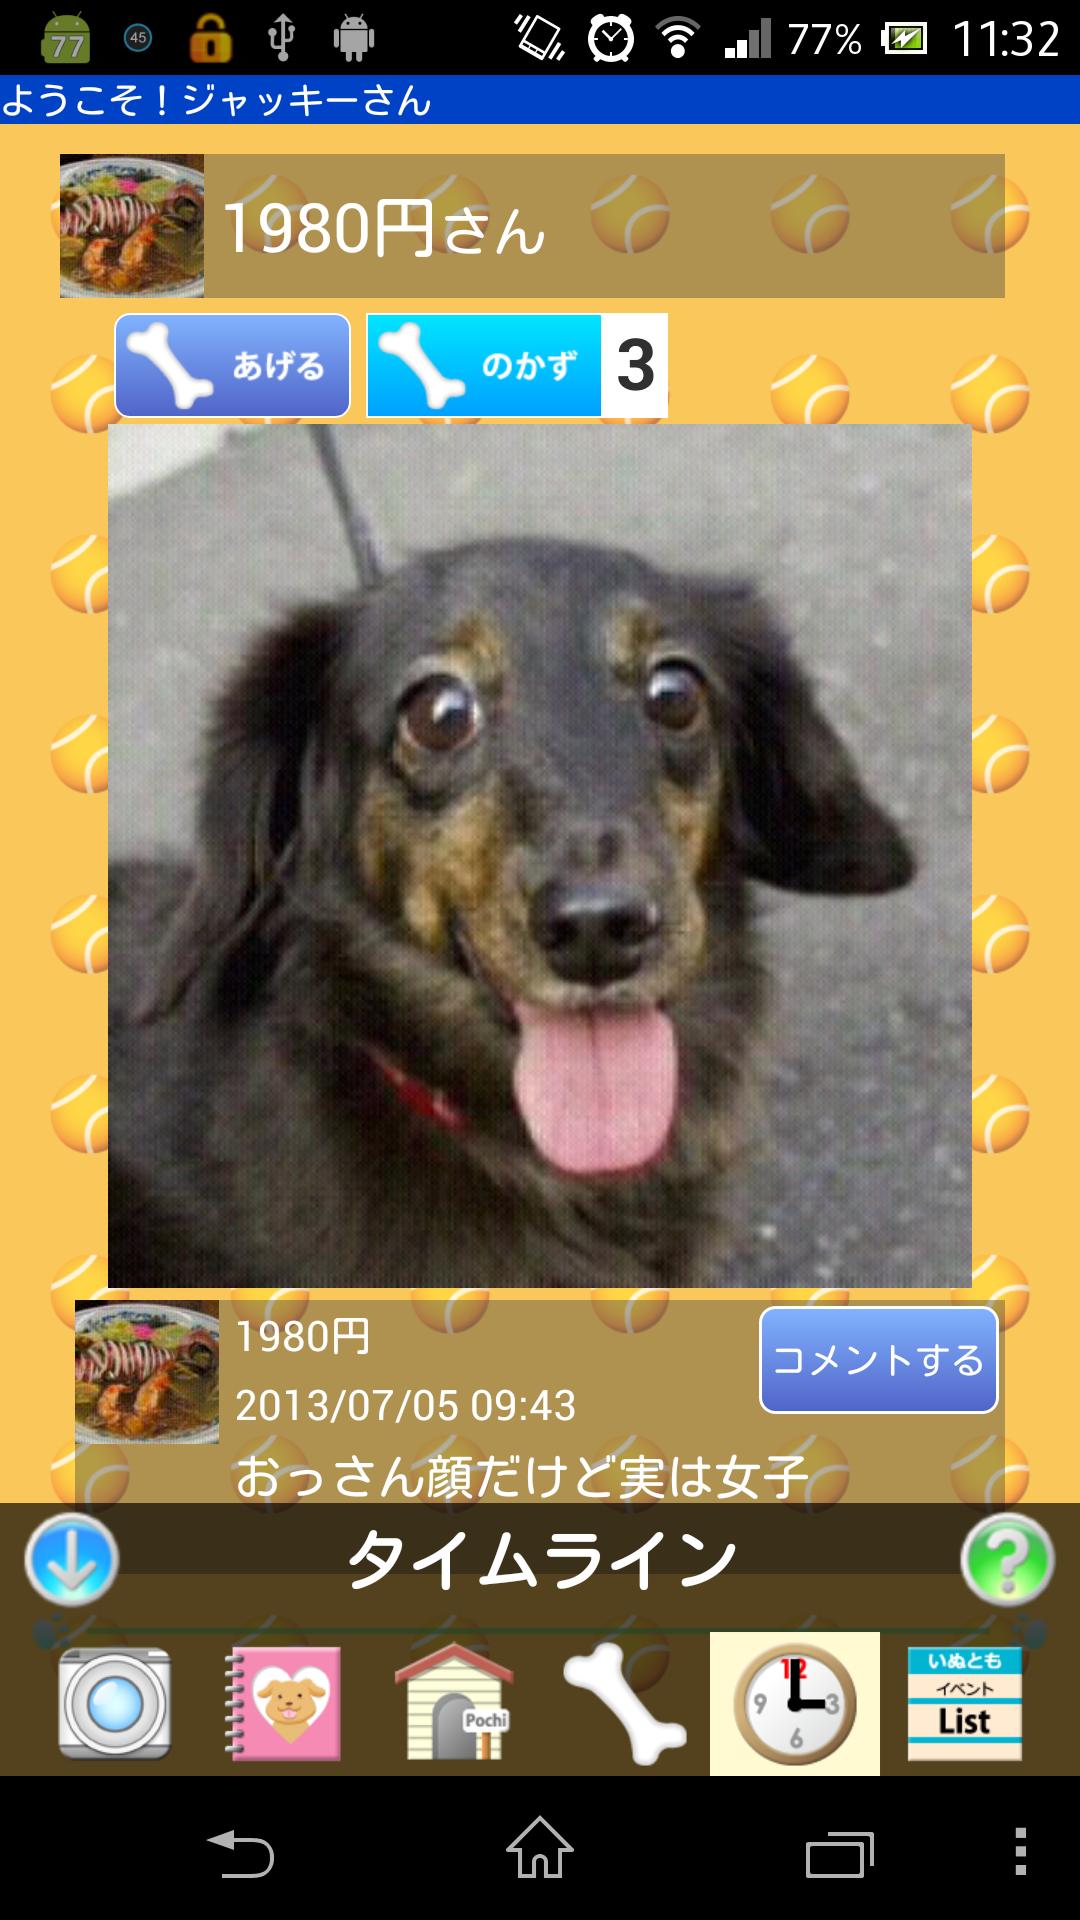 Androidスマートフォンアプリ「犬Phone」リリース 自慢のワンコをホメてもらえる! 愛犬家同士が仲良くなる写真投稿SNSアプリ